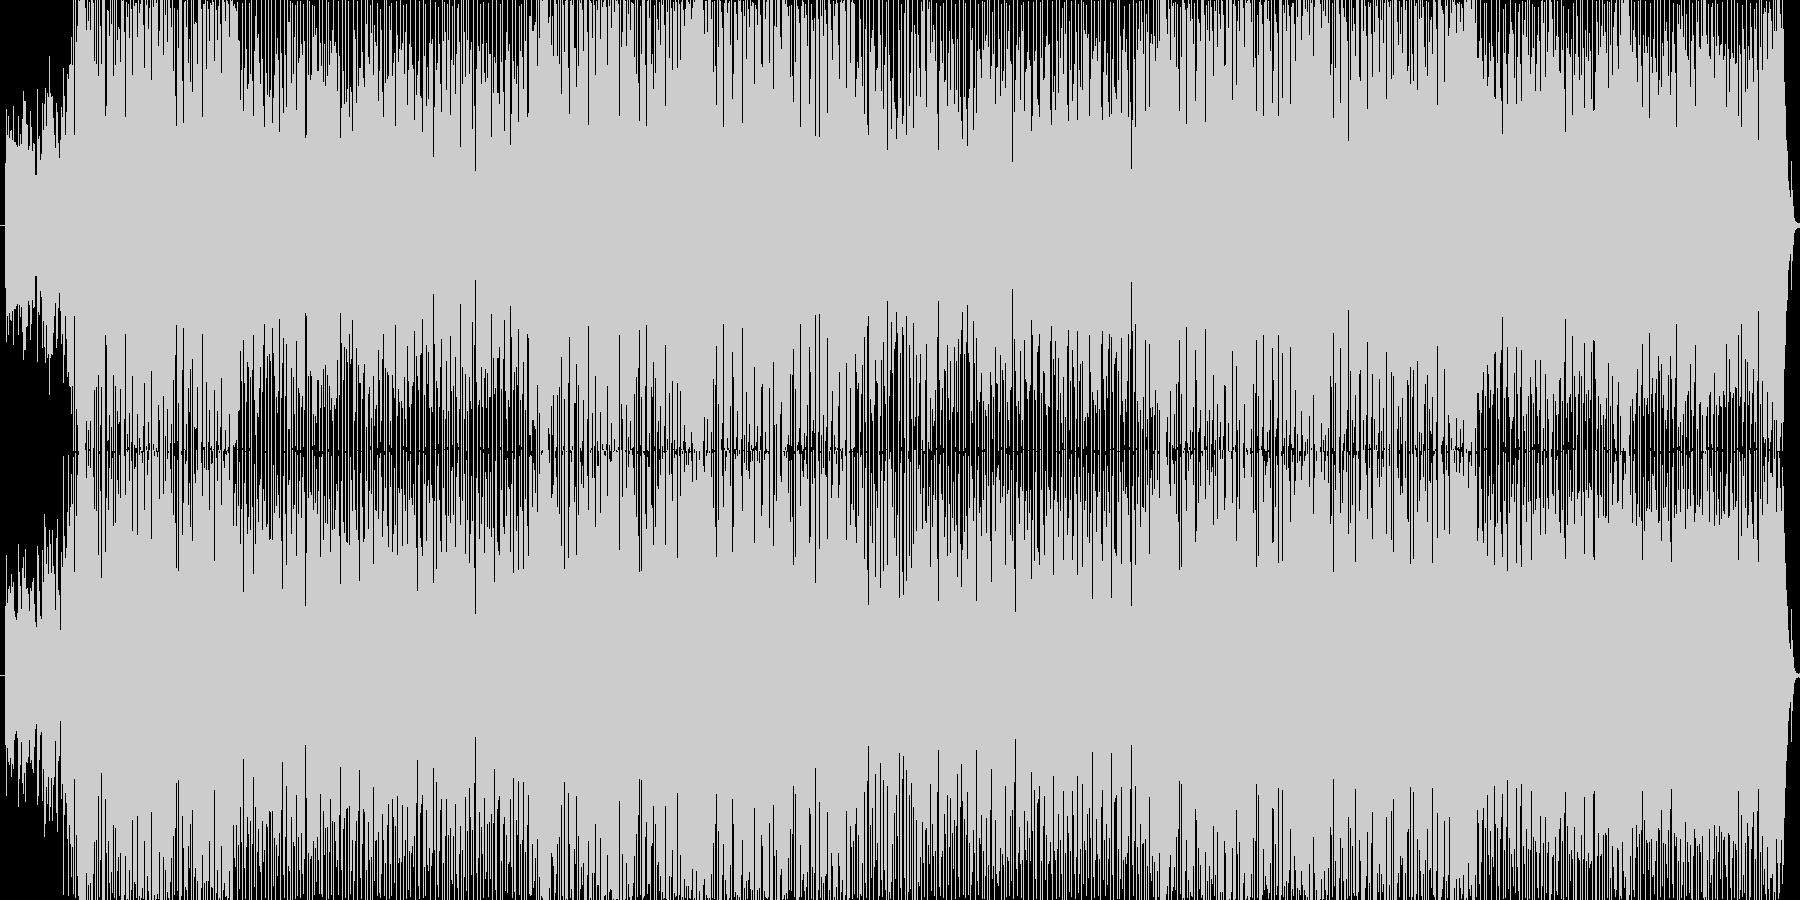 軽快でフレッシュなBGMの未再生の波形